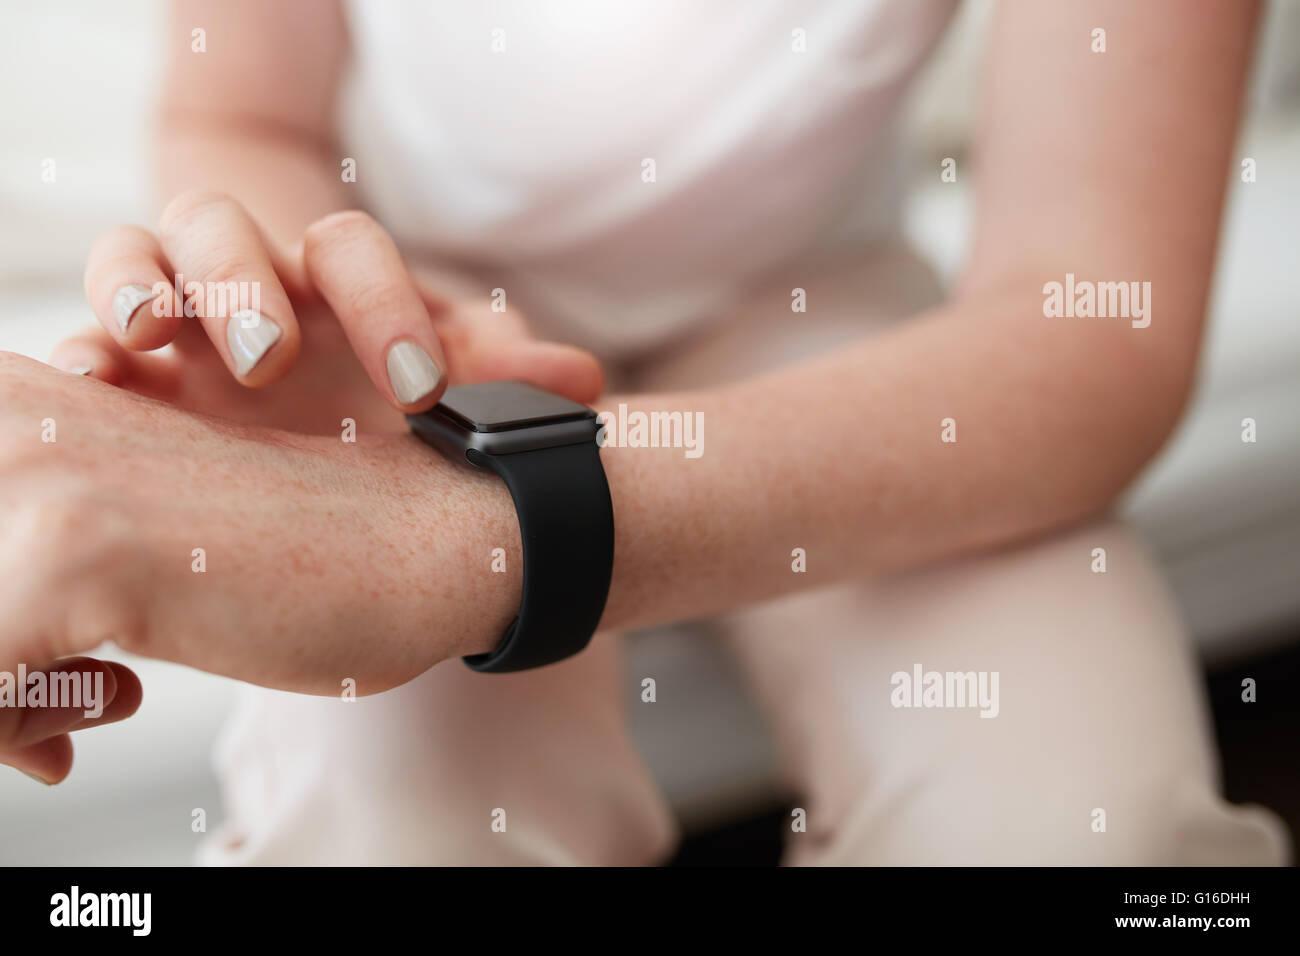 Closeup shot de mujeres caucásicas control de tiempo en su Reloj inteligente. Se centran en reloj de muñeca Imagen De Stock